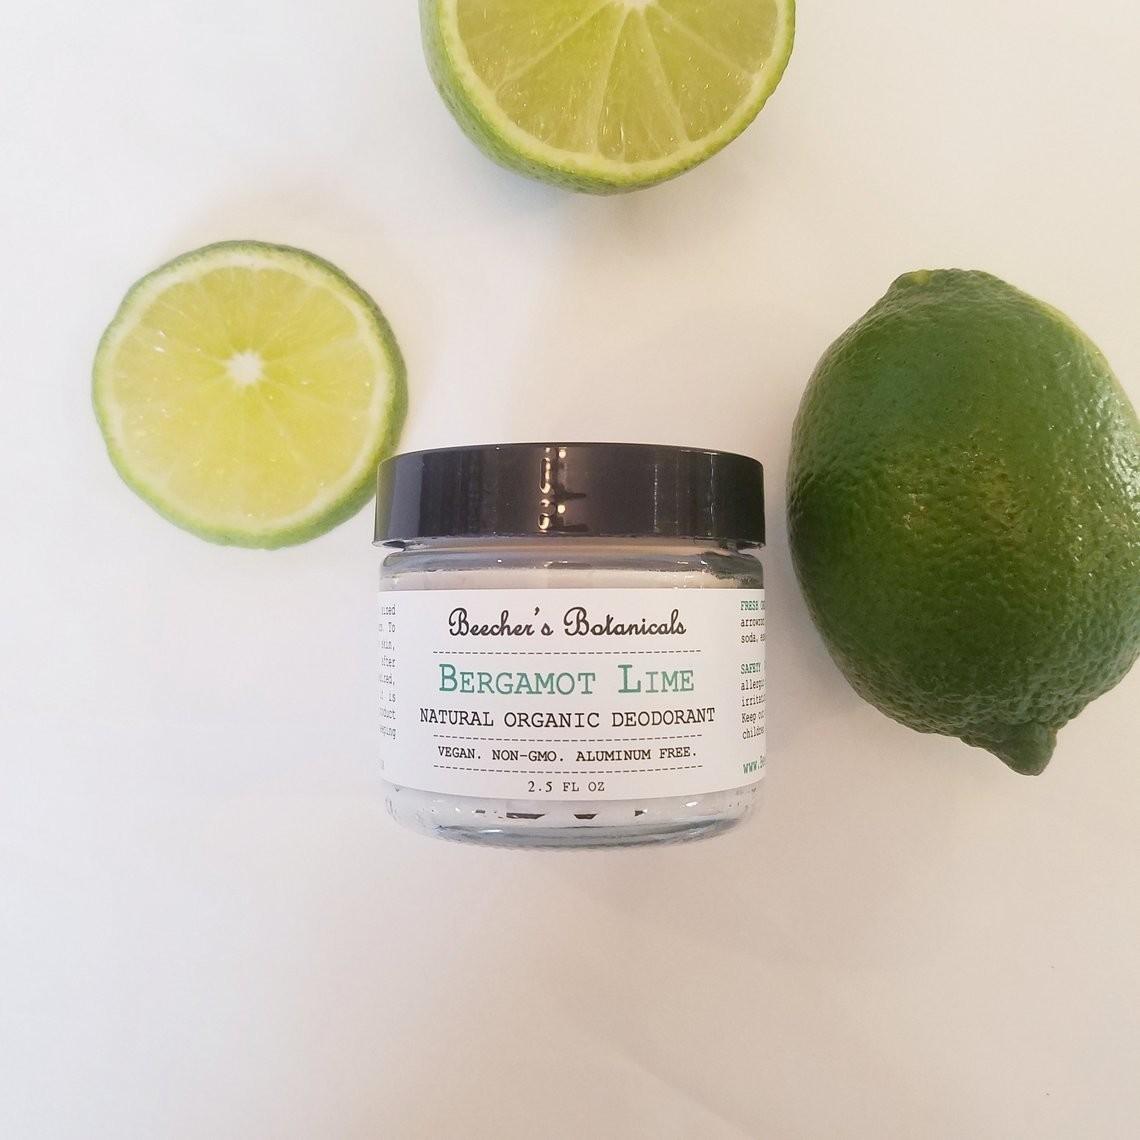 BERGAMOT LIME Natural Deodorant Cream